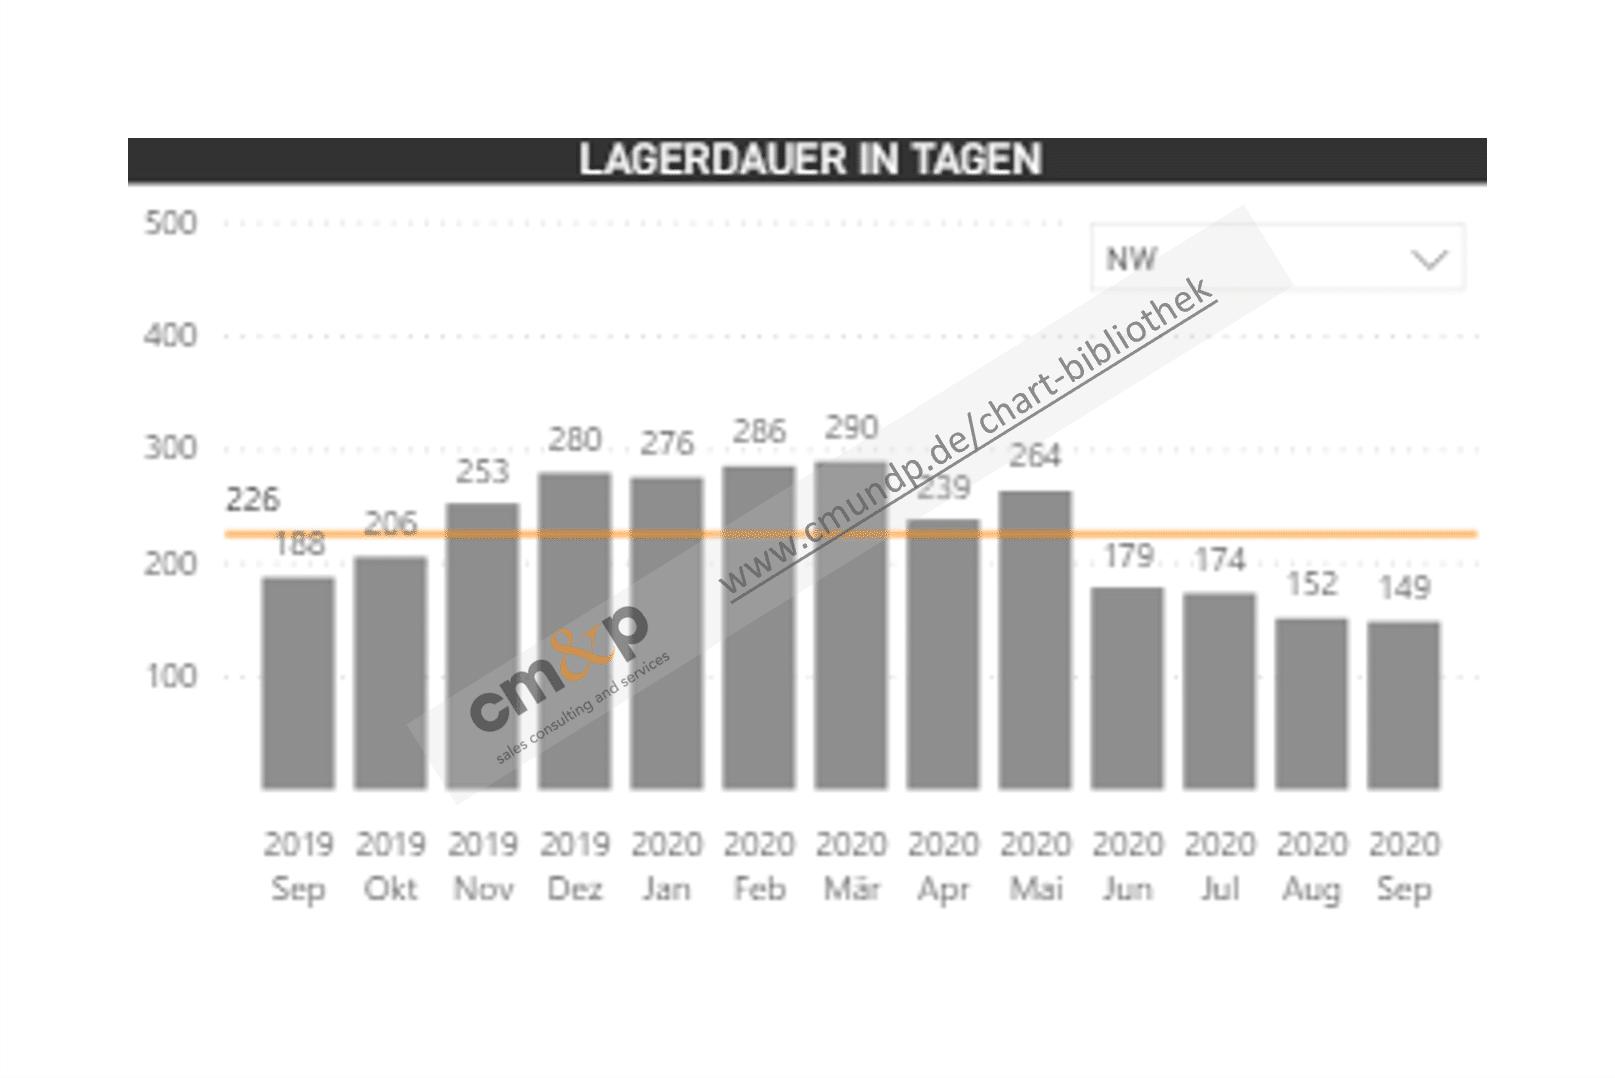 Darstellung der Lagerdauer für NW (Ansicht veränderbar) als Säulen im Monatsvergleich mit Wertangaben und Richtwert als Linie